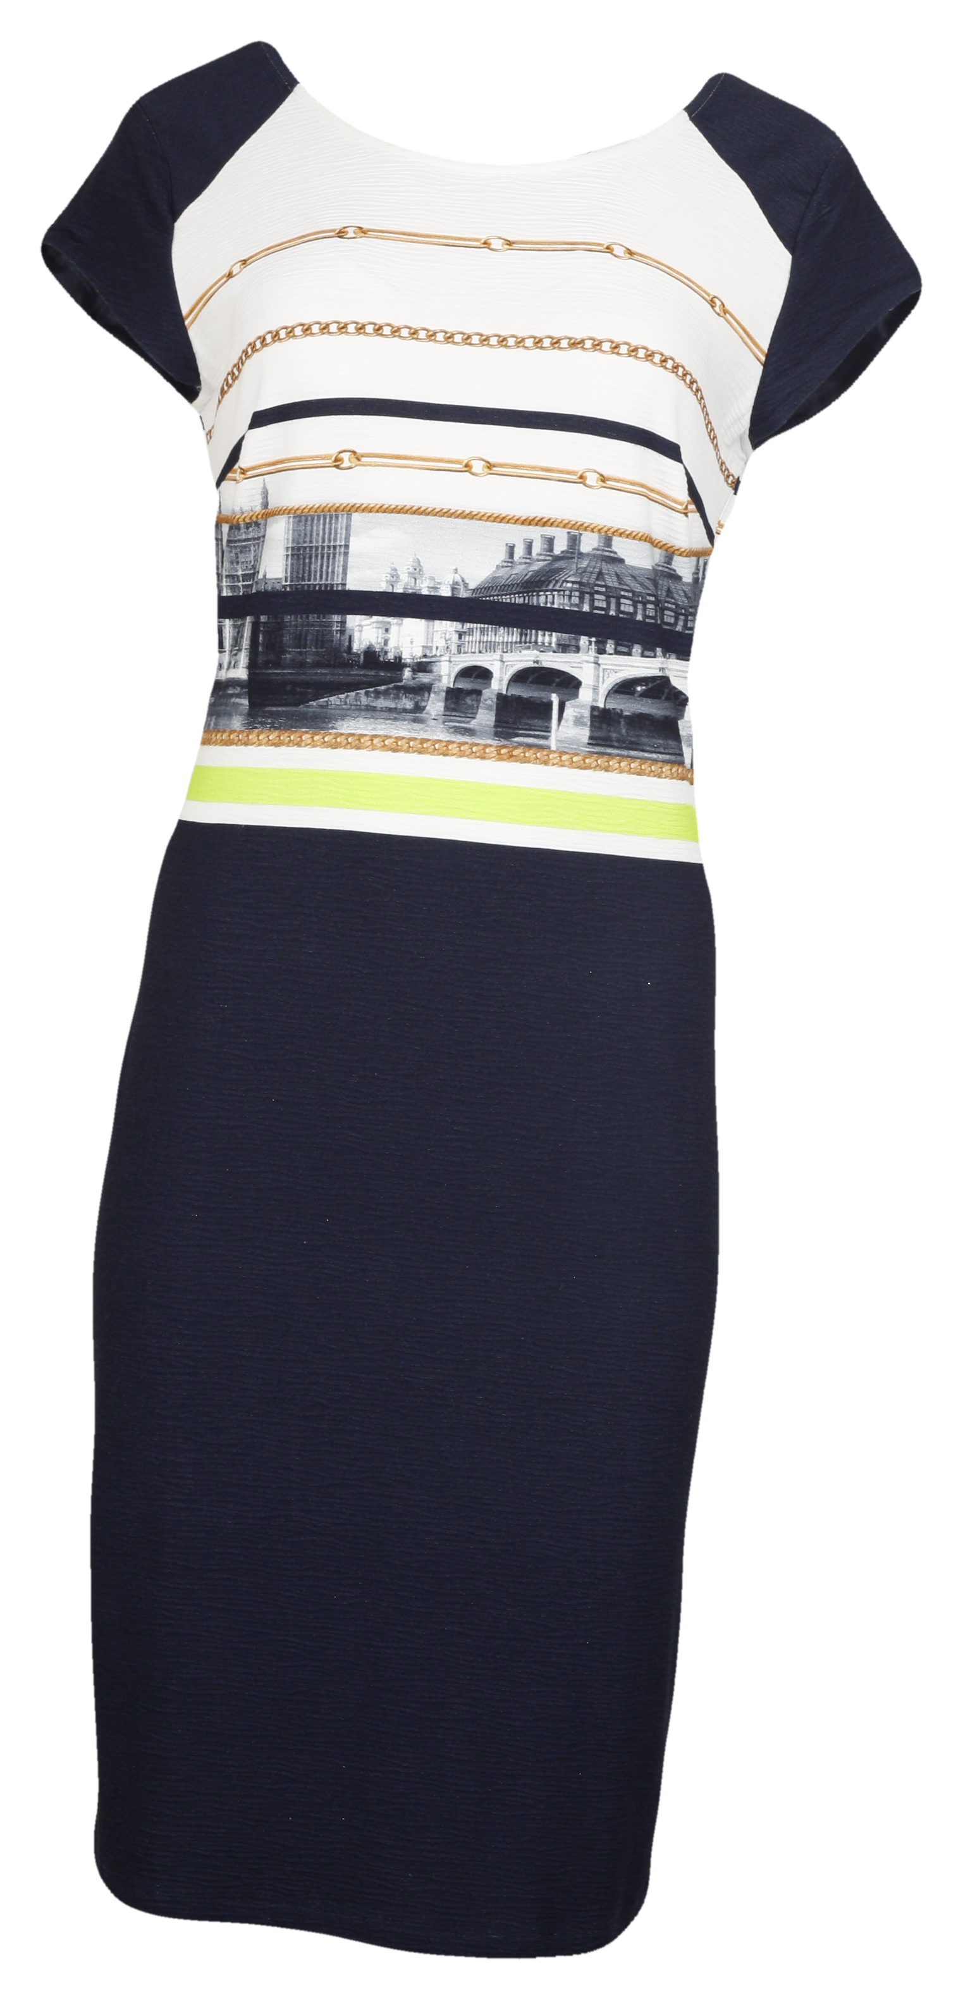 Dámské šaty 2175 - Gonera originál 42